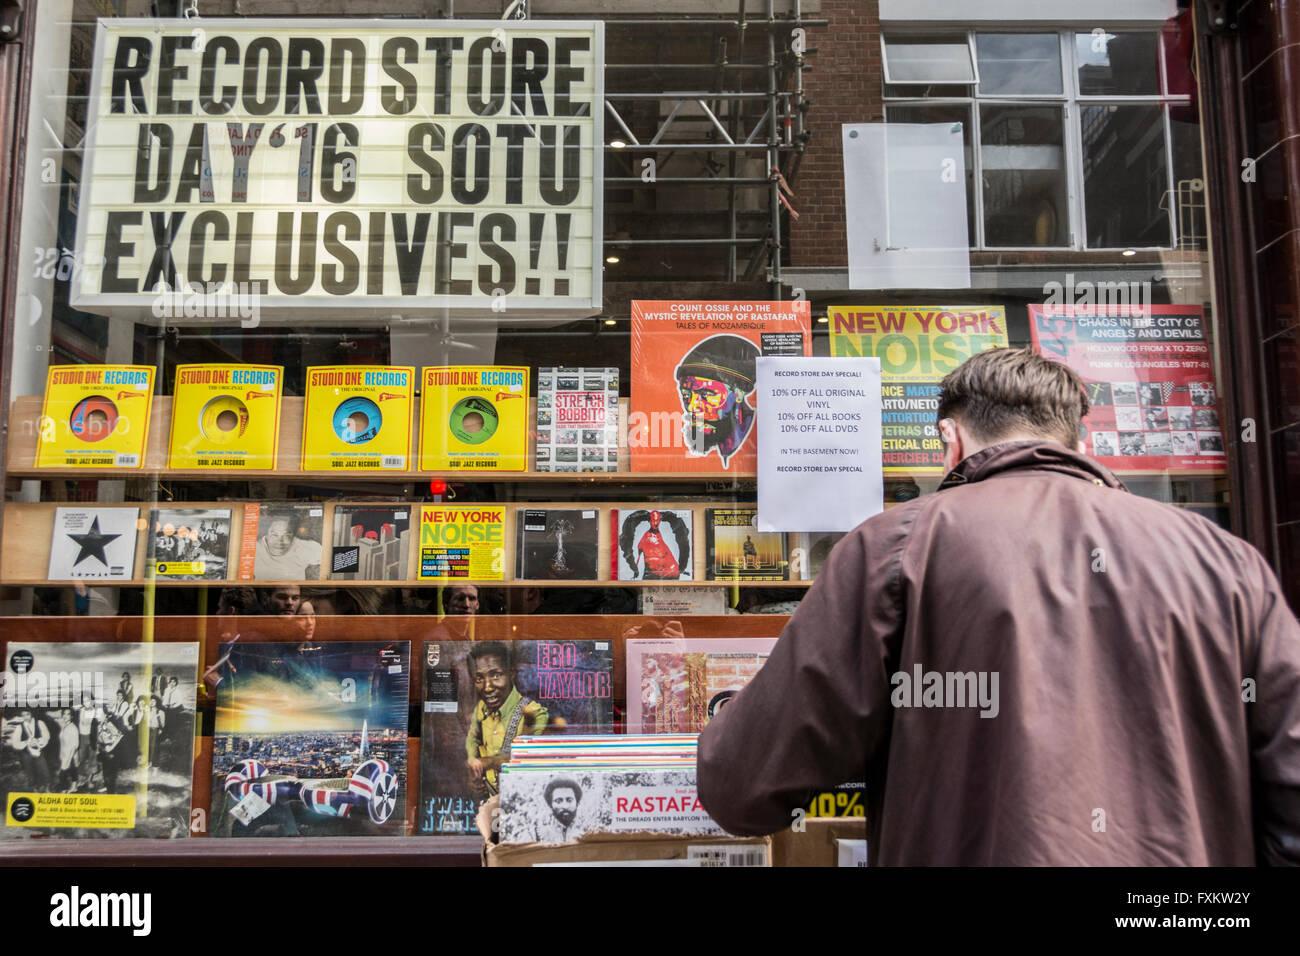 Menschen beim Einkaufen bei Independent Record Store Day in Soho, London, UK. Stockbild